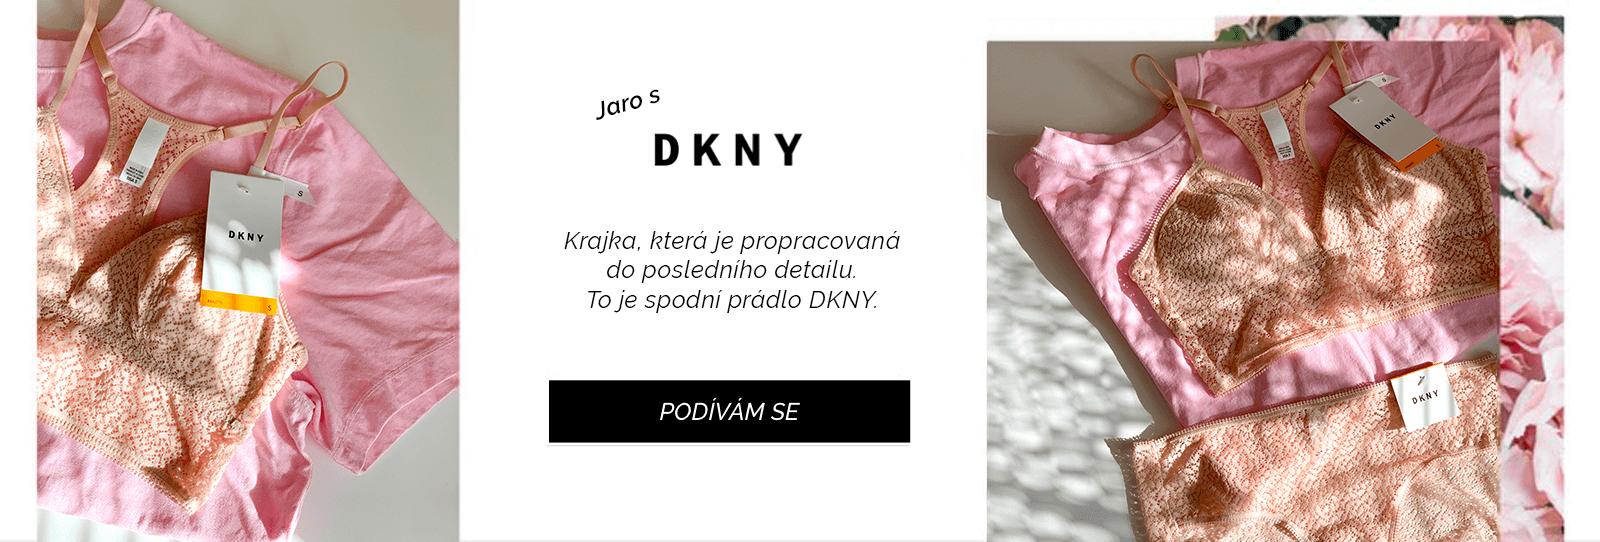 HELLO DKNY